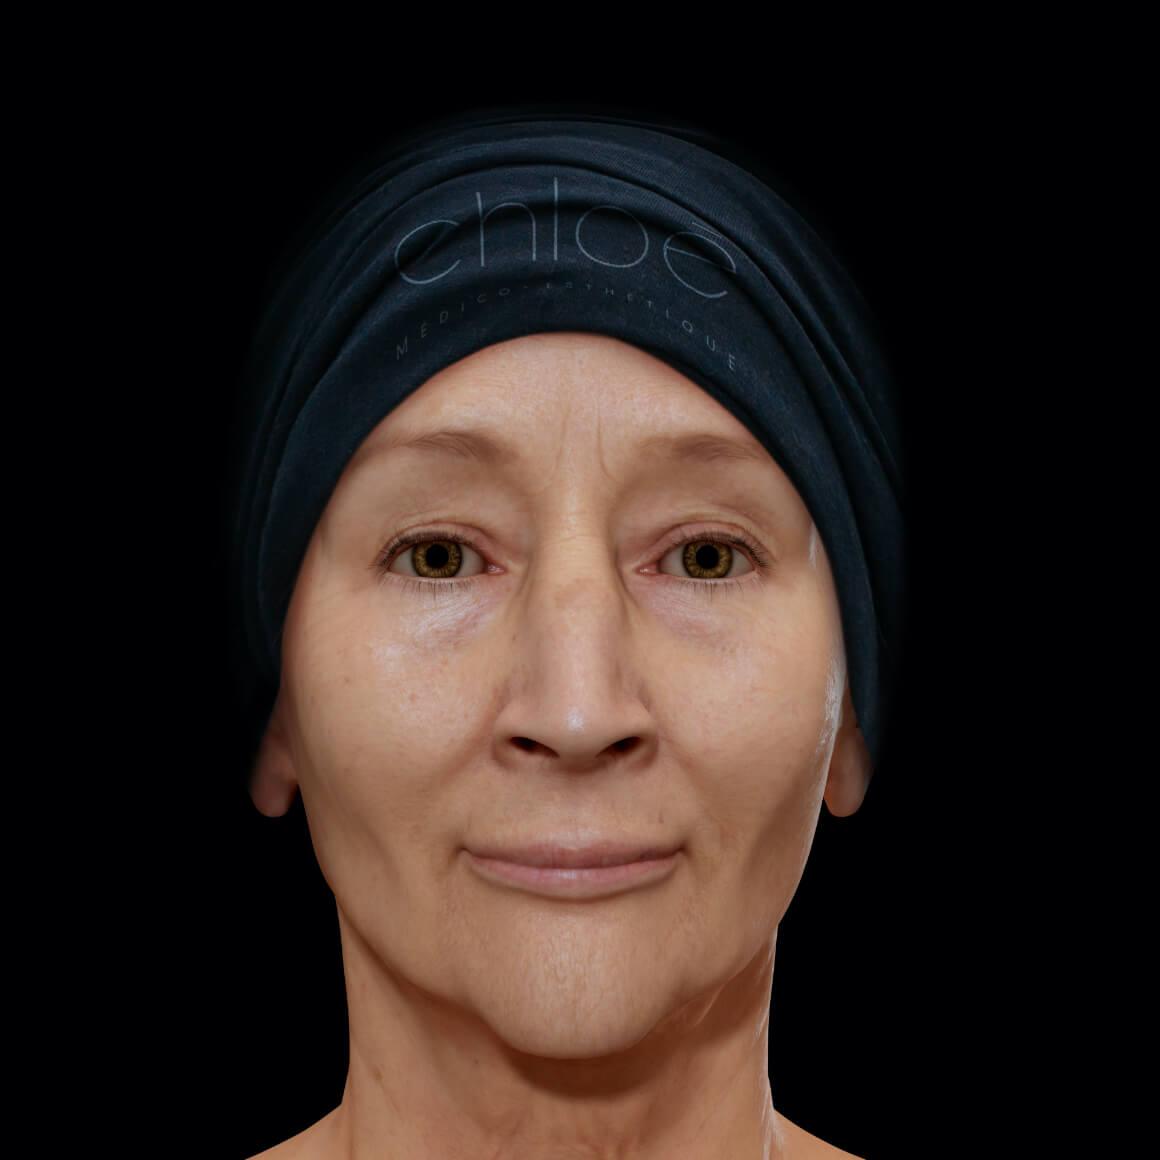 Female patient at Clinique Chloé front view after IPL photorejuvenation treatments for melasma